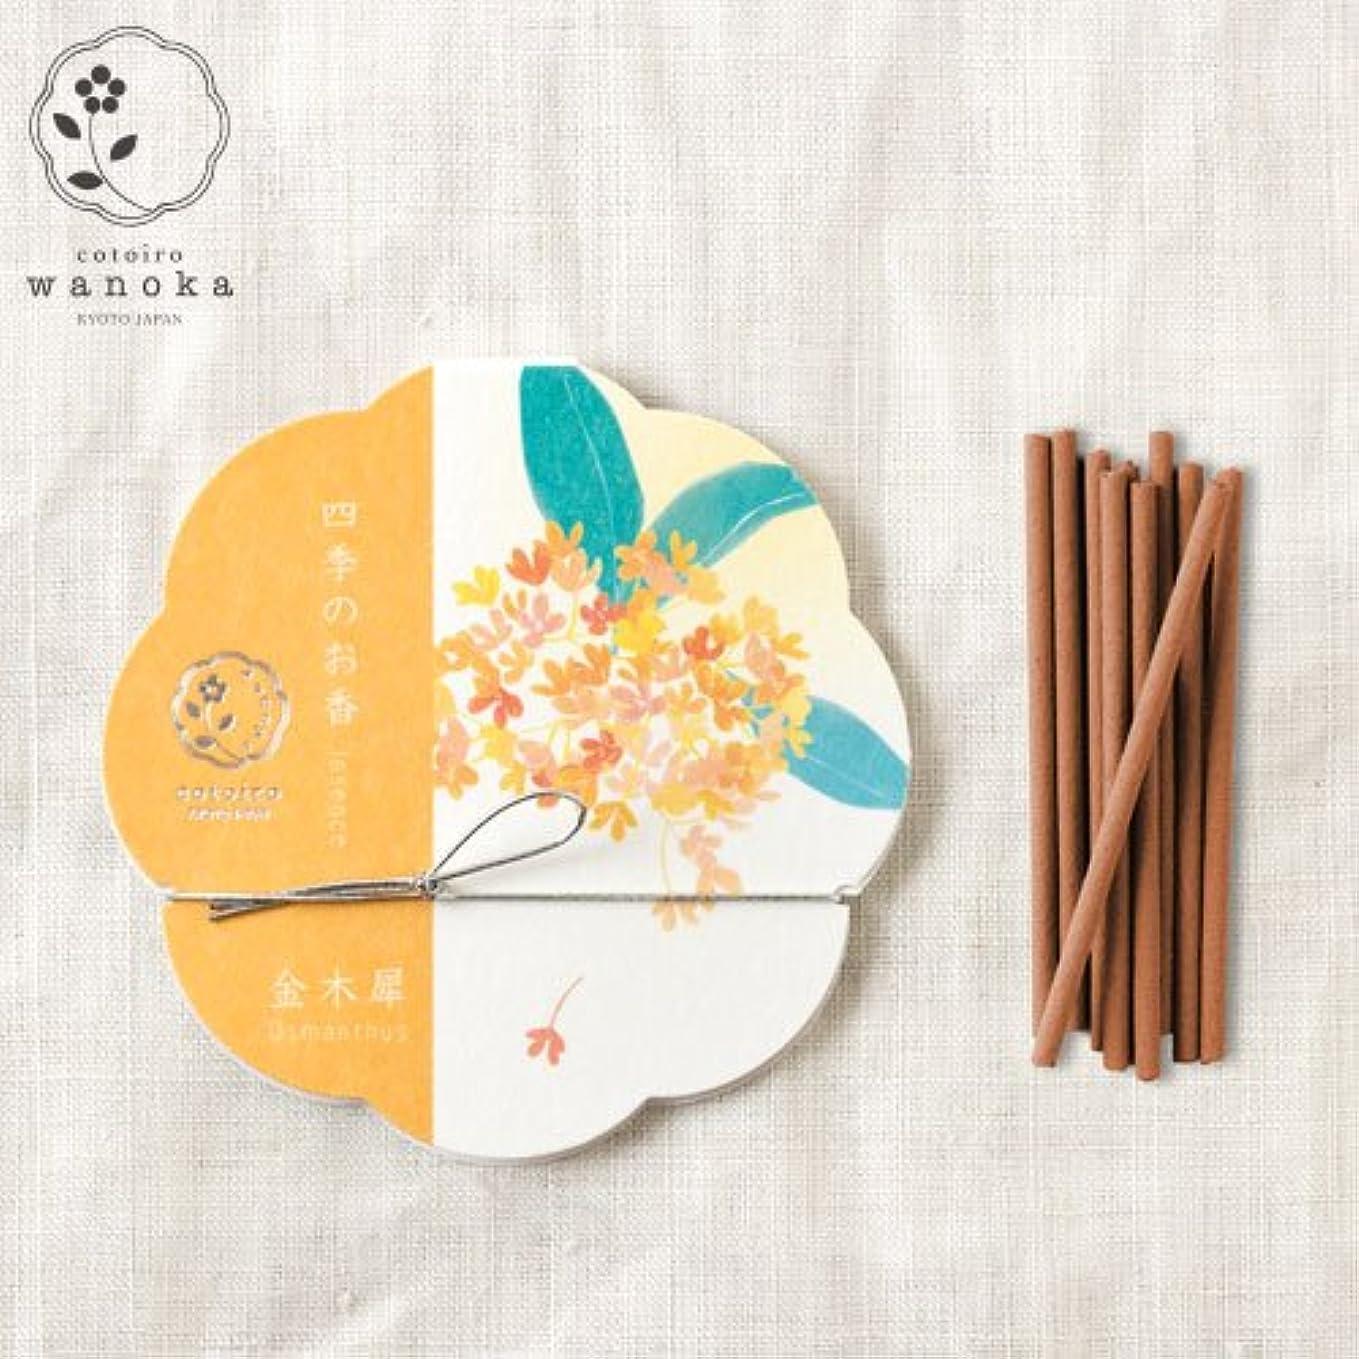 ファイアル静かに咲くwanoka四季のお香(インセンス)金木犀《金木犀をイメージした果実のような甘い香り》ART LABIncense stick